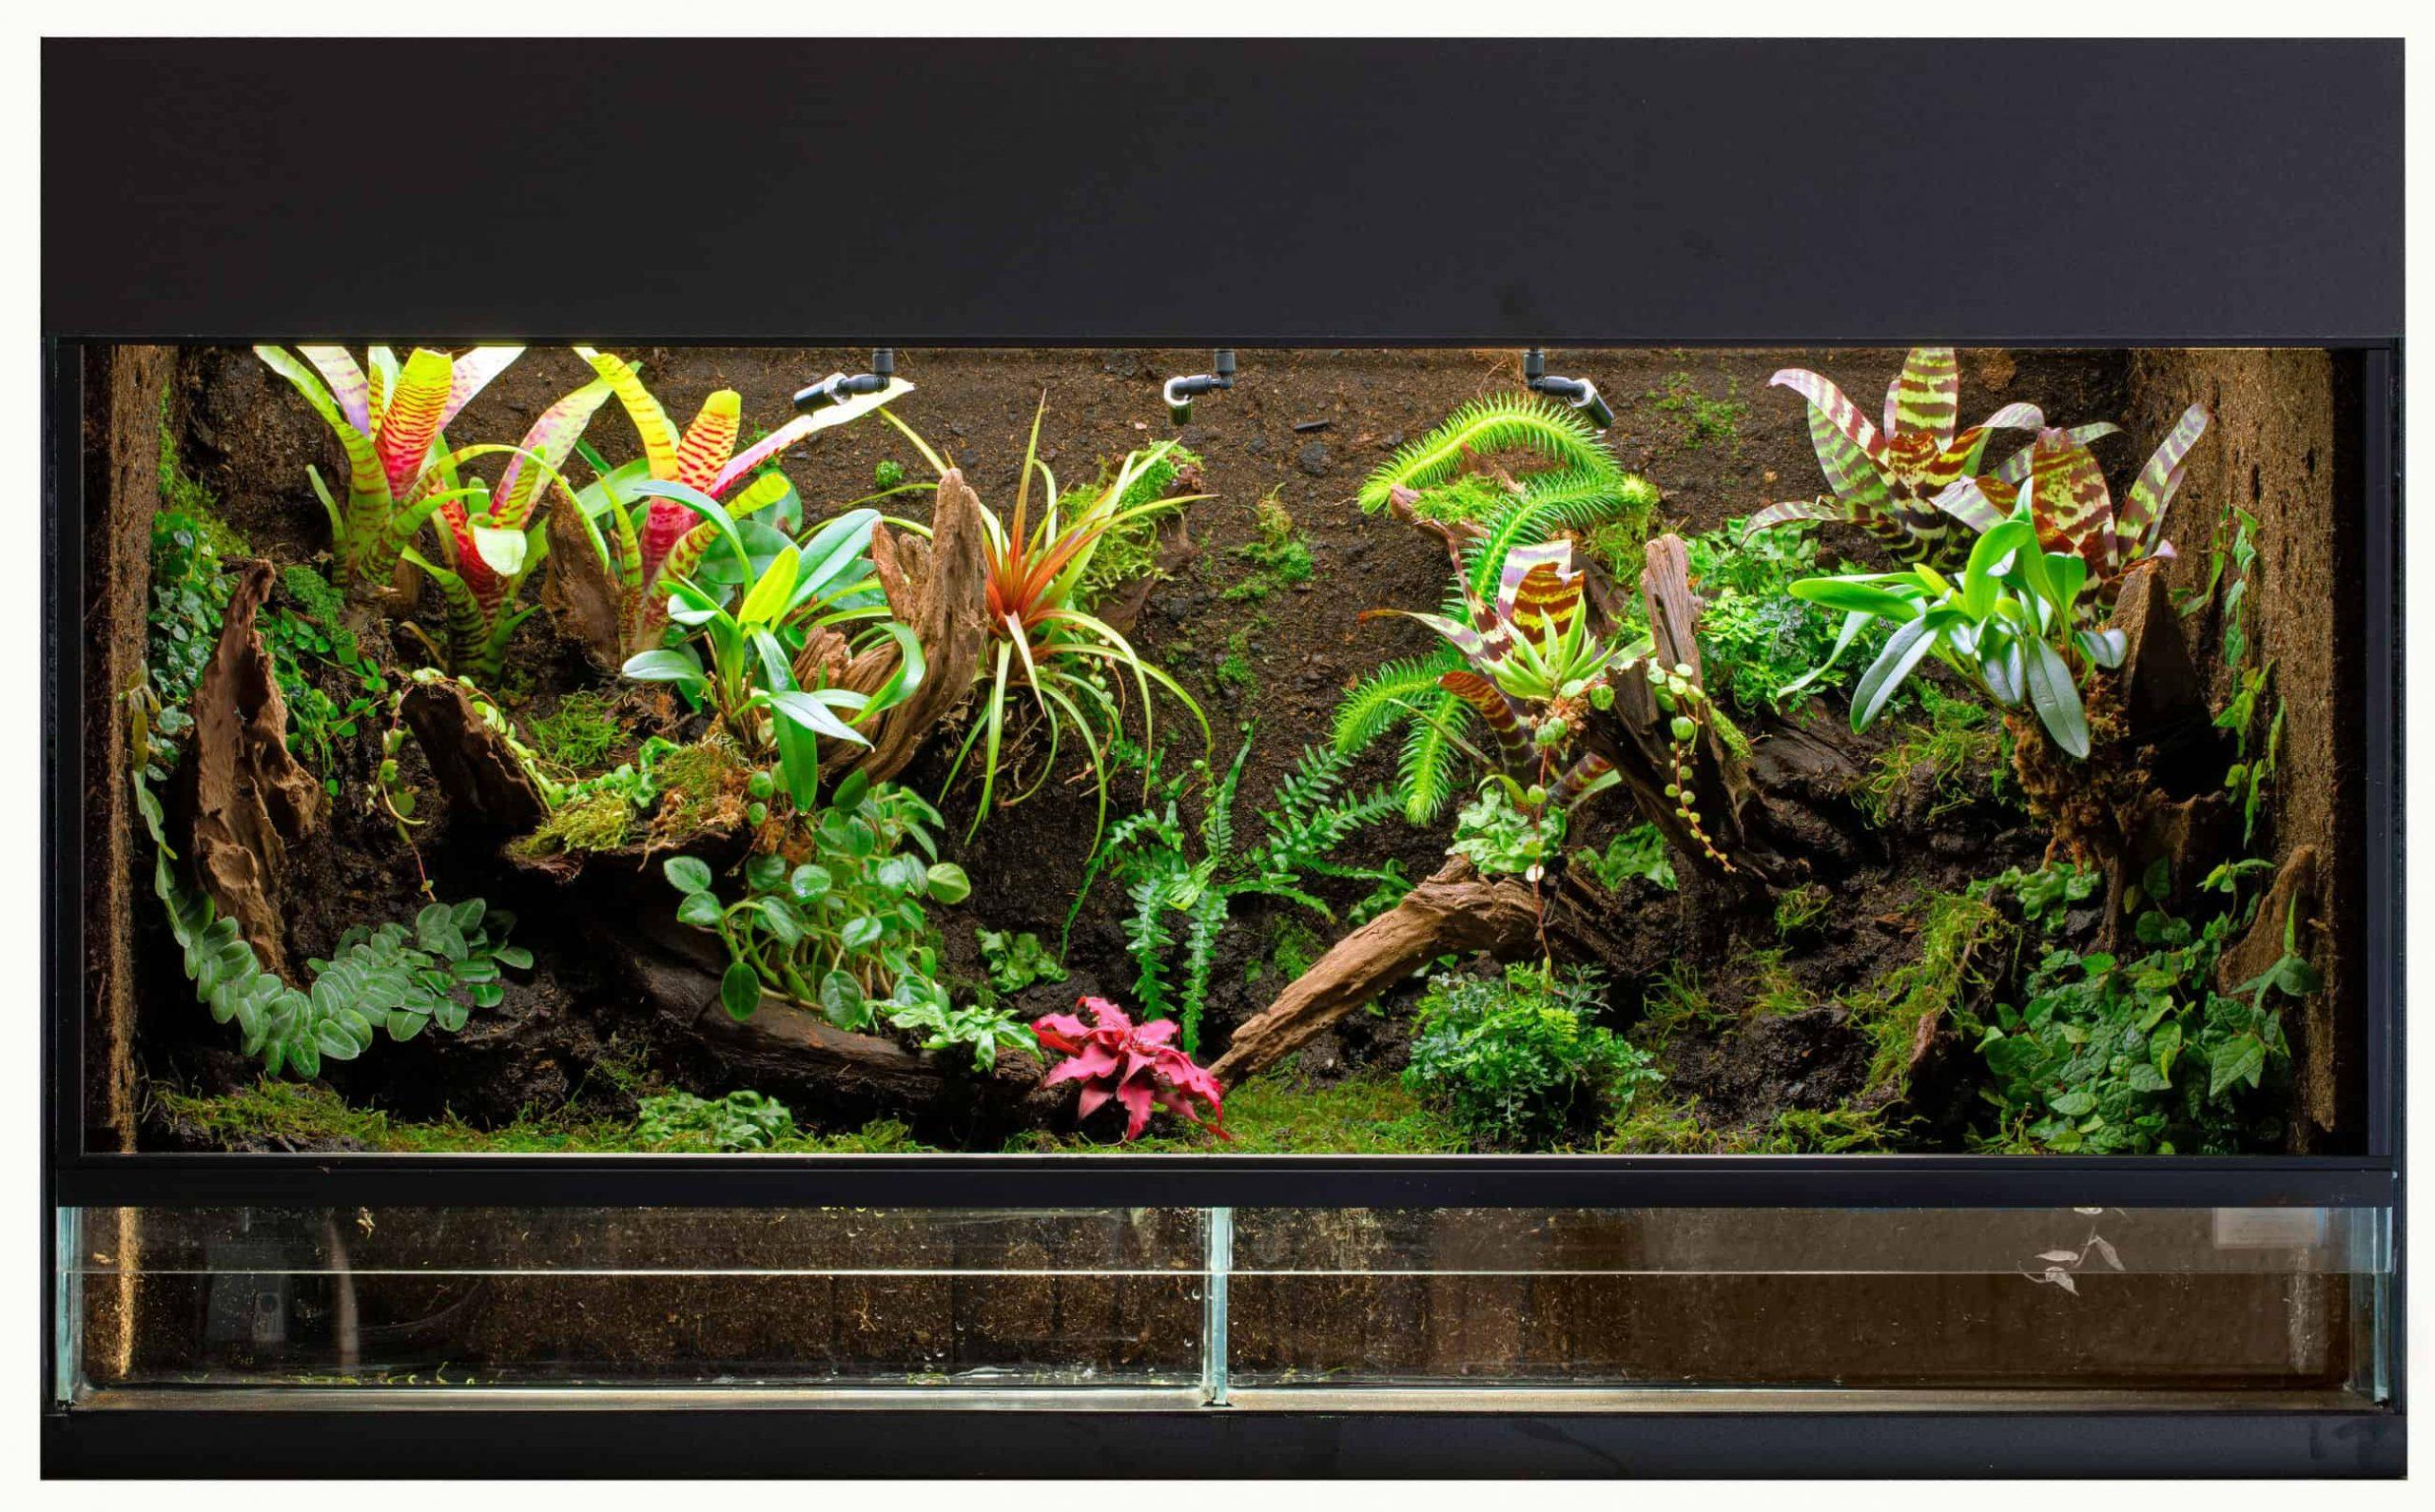 Insekten Terrarium: Test & Empfehlungen (04/21)